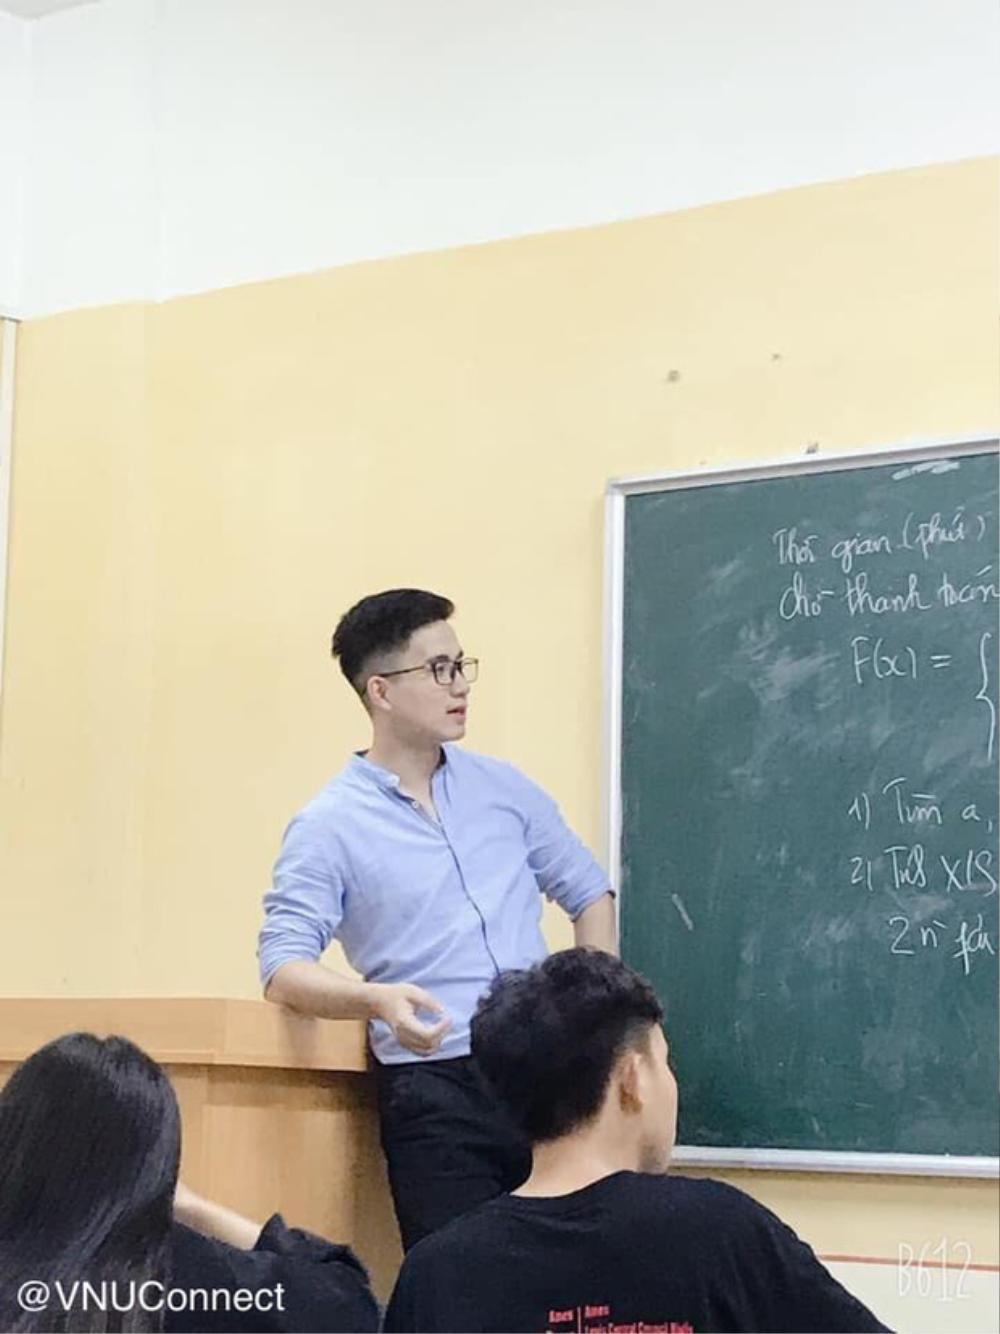 Nam giáo viên bỗng chốc 'nổi như cồn' với loạt ảnh chụp lén đẹp trai như 'soái ca' Ảnh 1